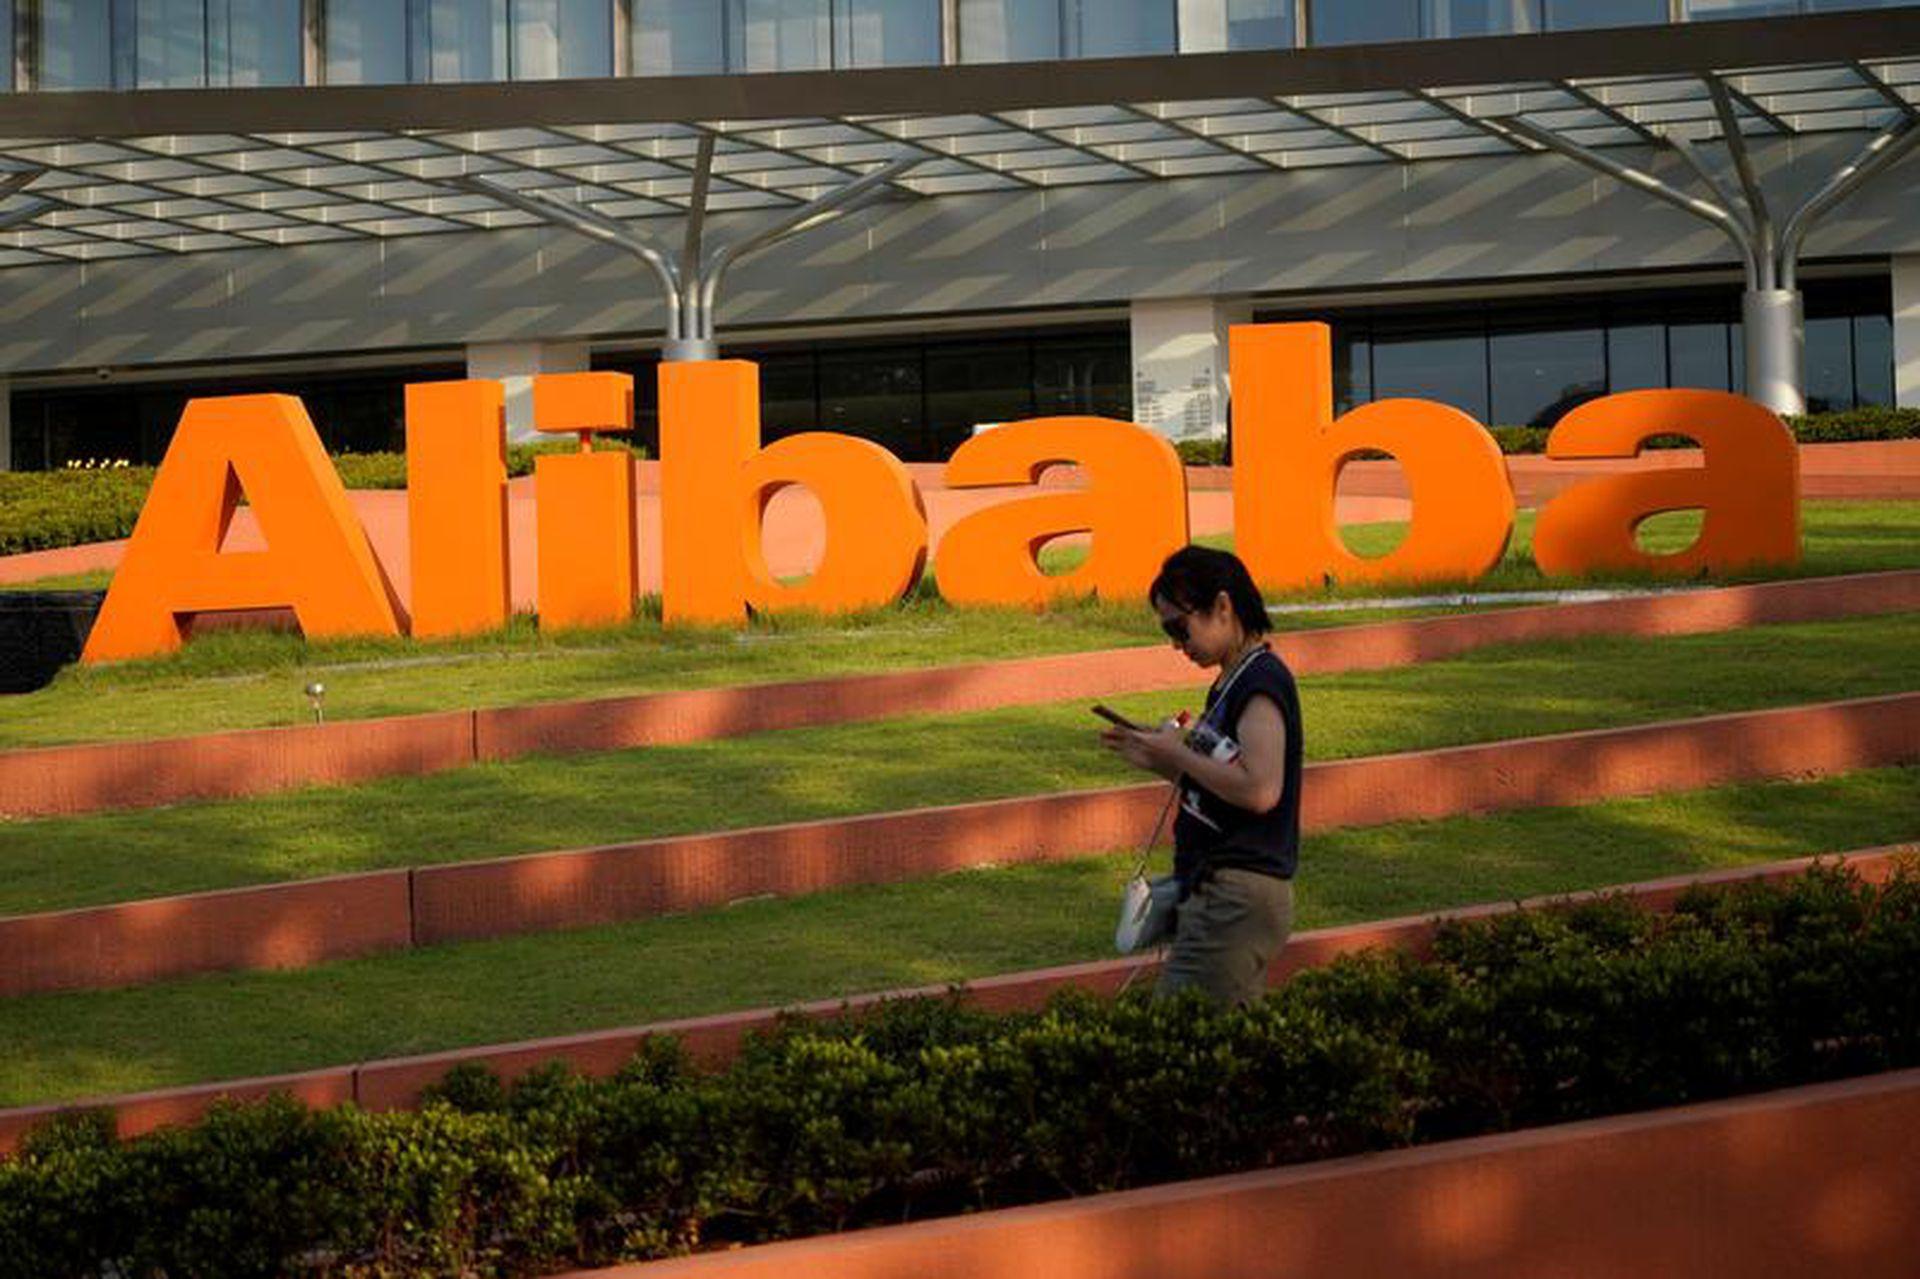 重壓之下中國網路集體回落 出手抄底勝算幾許|巨子股評